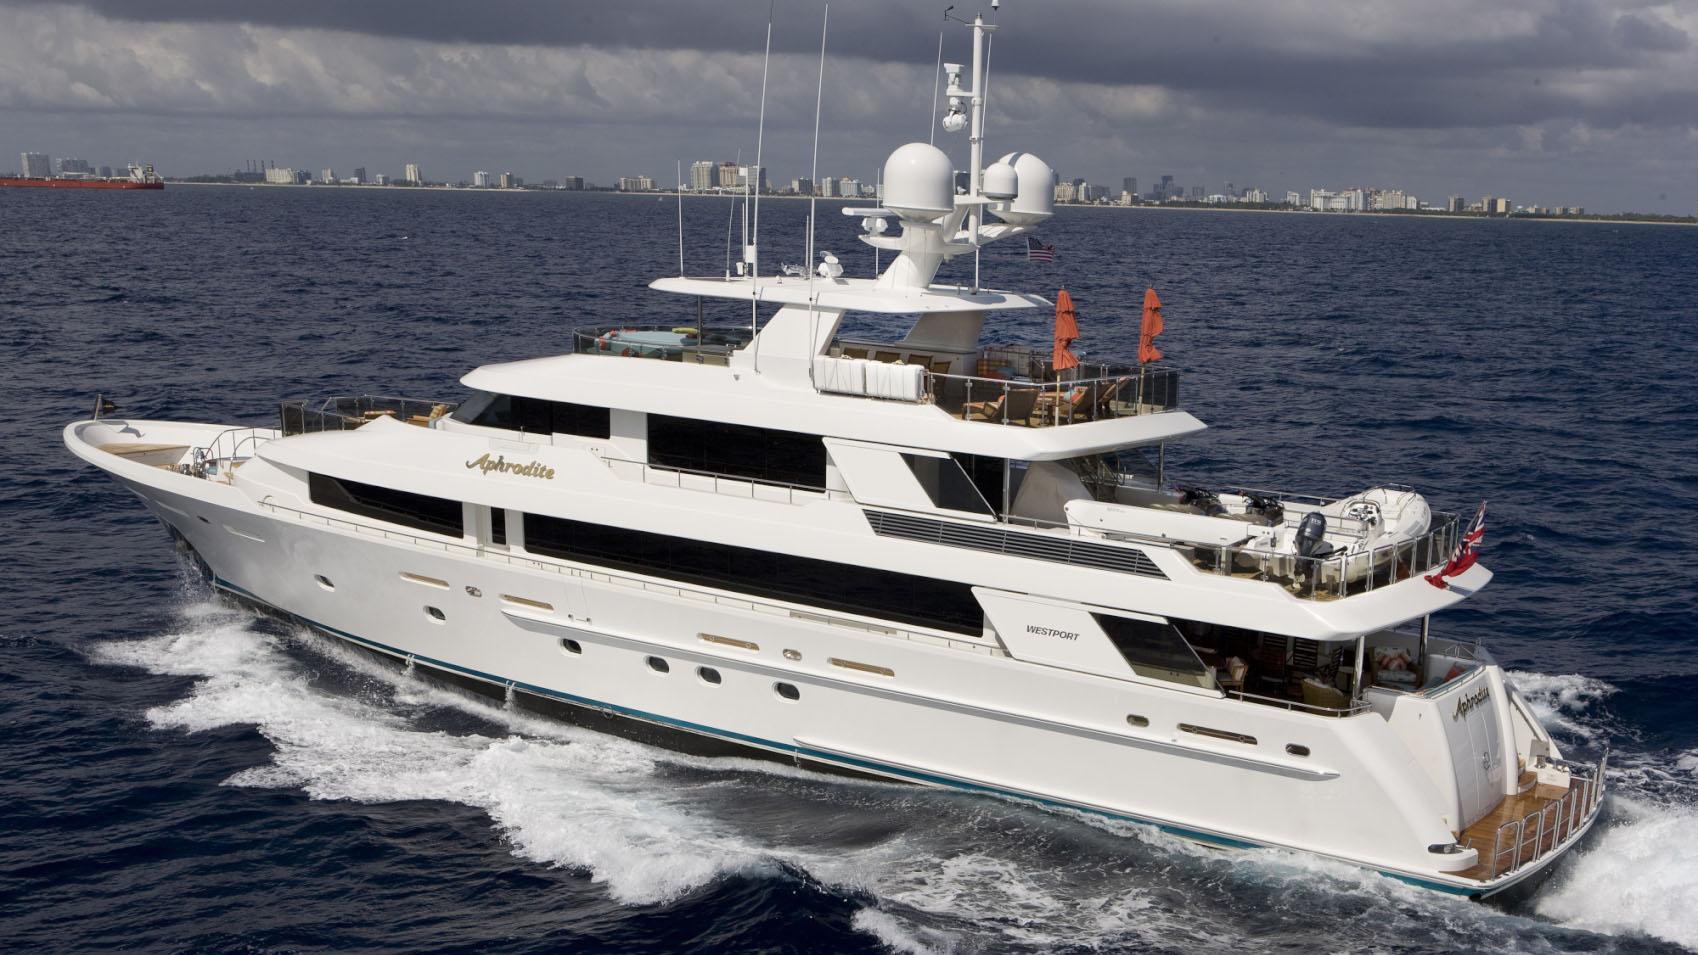 APHRODITE super yacht for sale profile